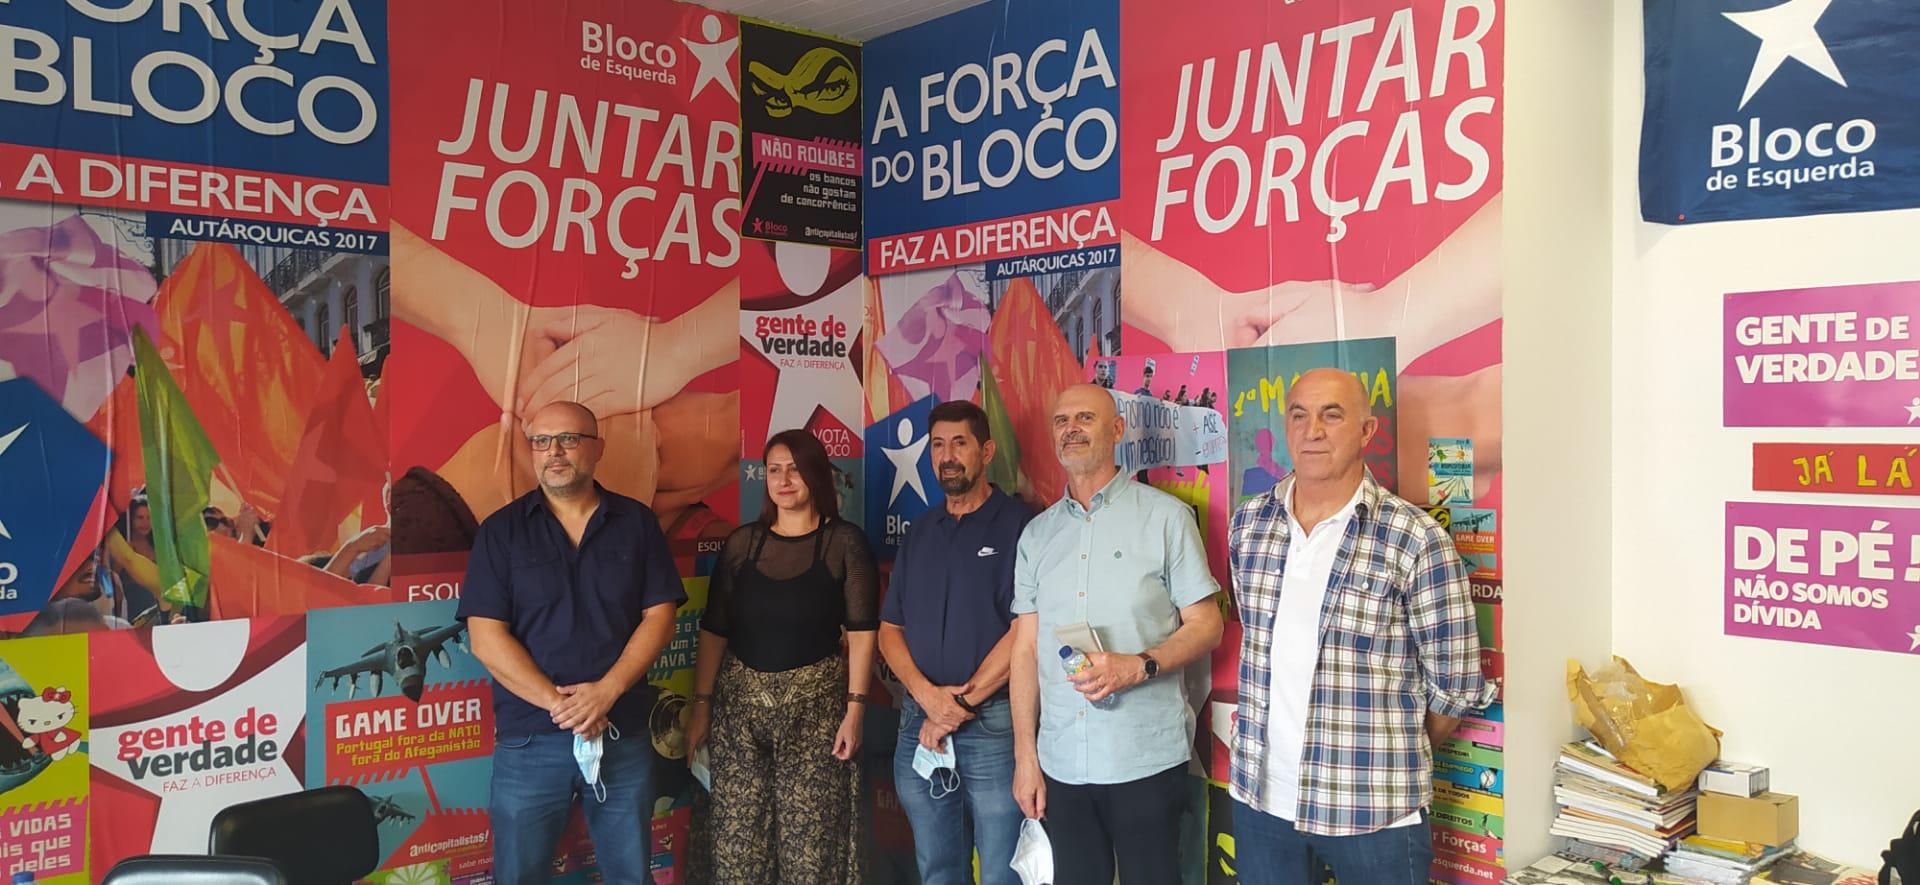 """""""O Bloco já defende há muito a gratuitidade dos transportes em Vila Real, ainda bem que outras forças políticas se juntaram a nós nesta luta recentemente"""""""